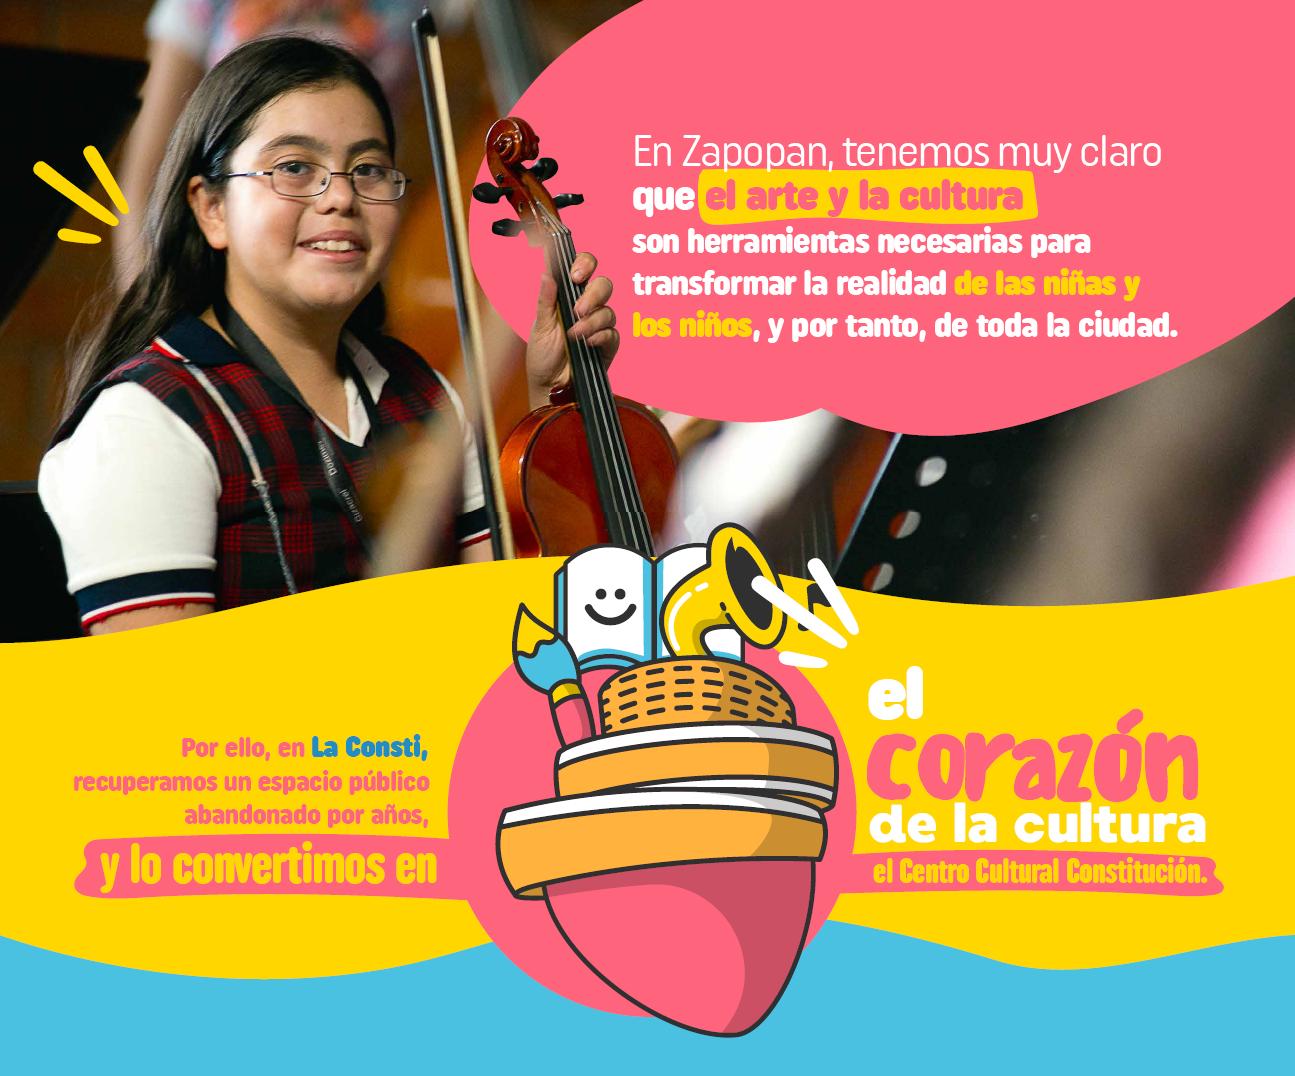 En Zapopan, tenemos muy claro que el arte y la cultura son herramientas necesarias para transformar la realidad de las niñas y niños, y por tanto, de toda la ciudad.